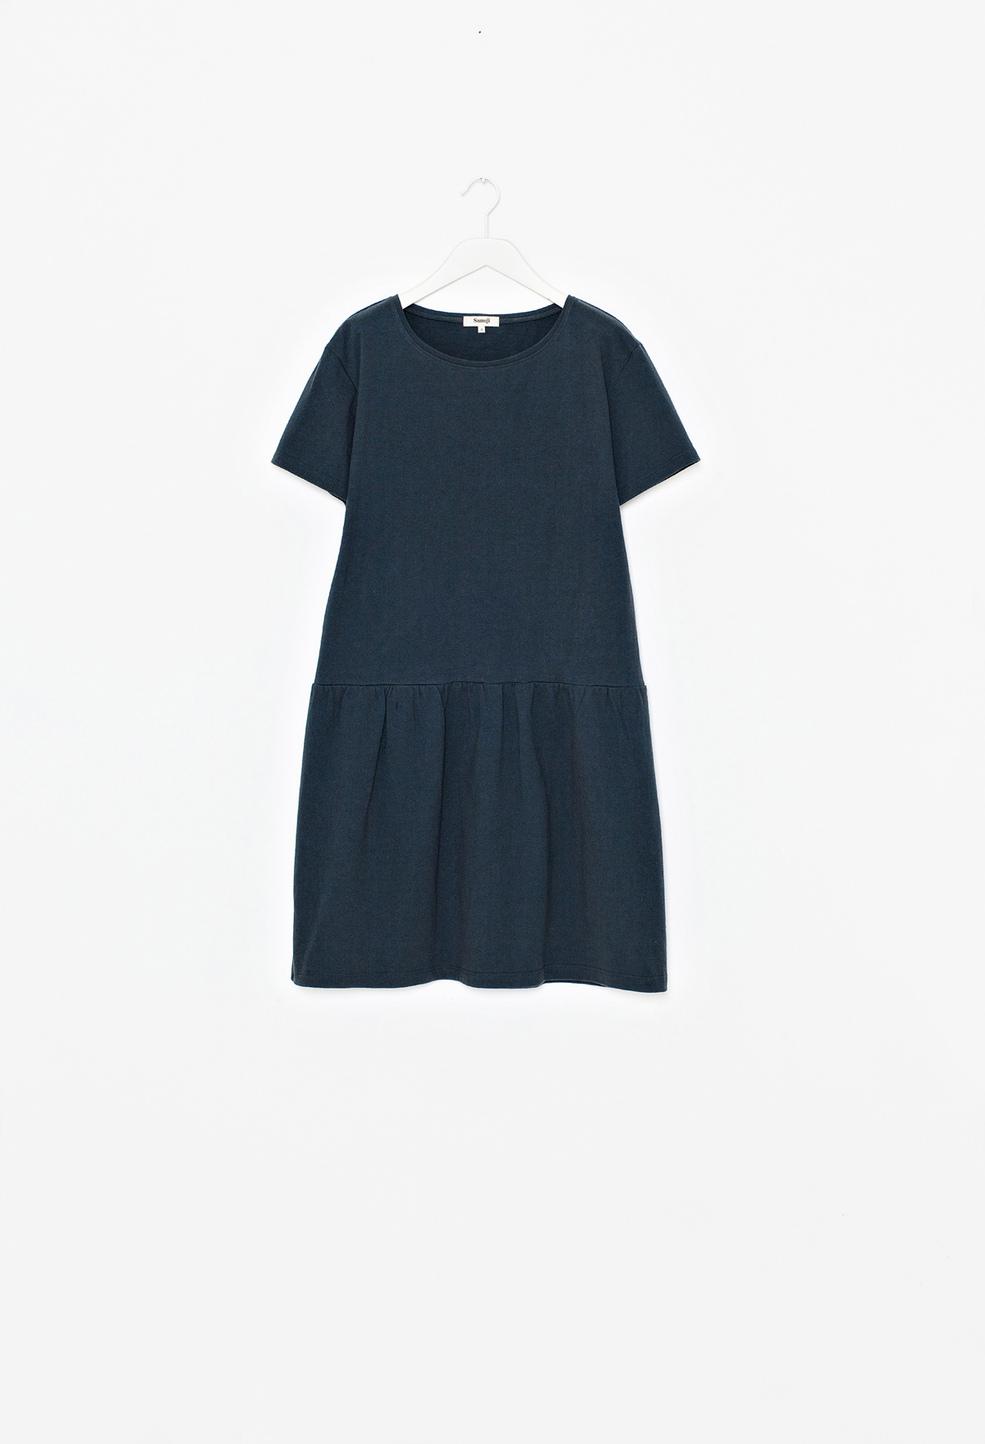 Niece Dress